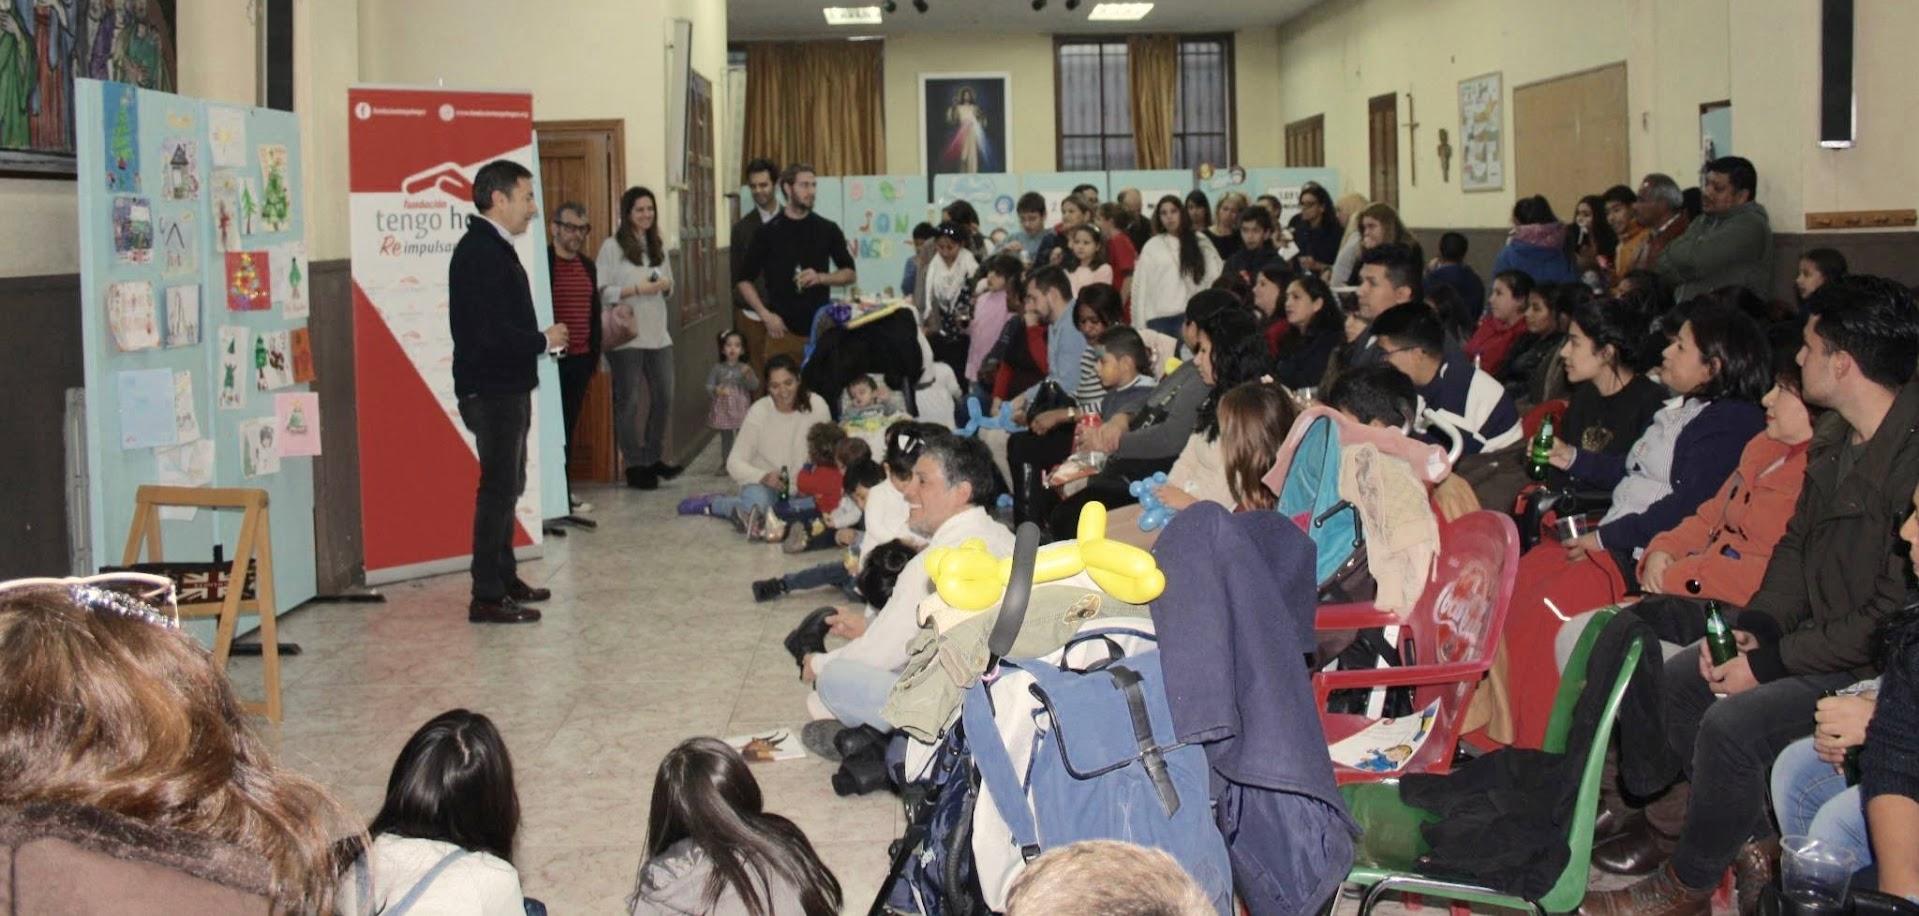 público asistente a acto solidario en iglesia san miguel